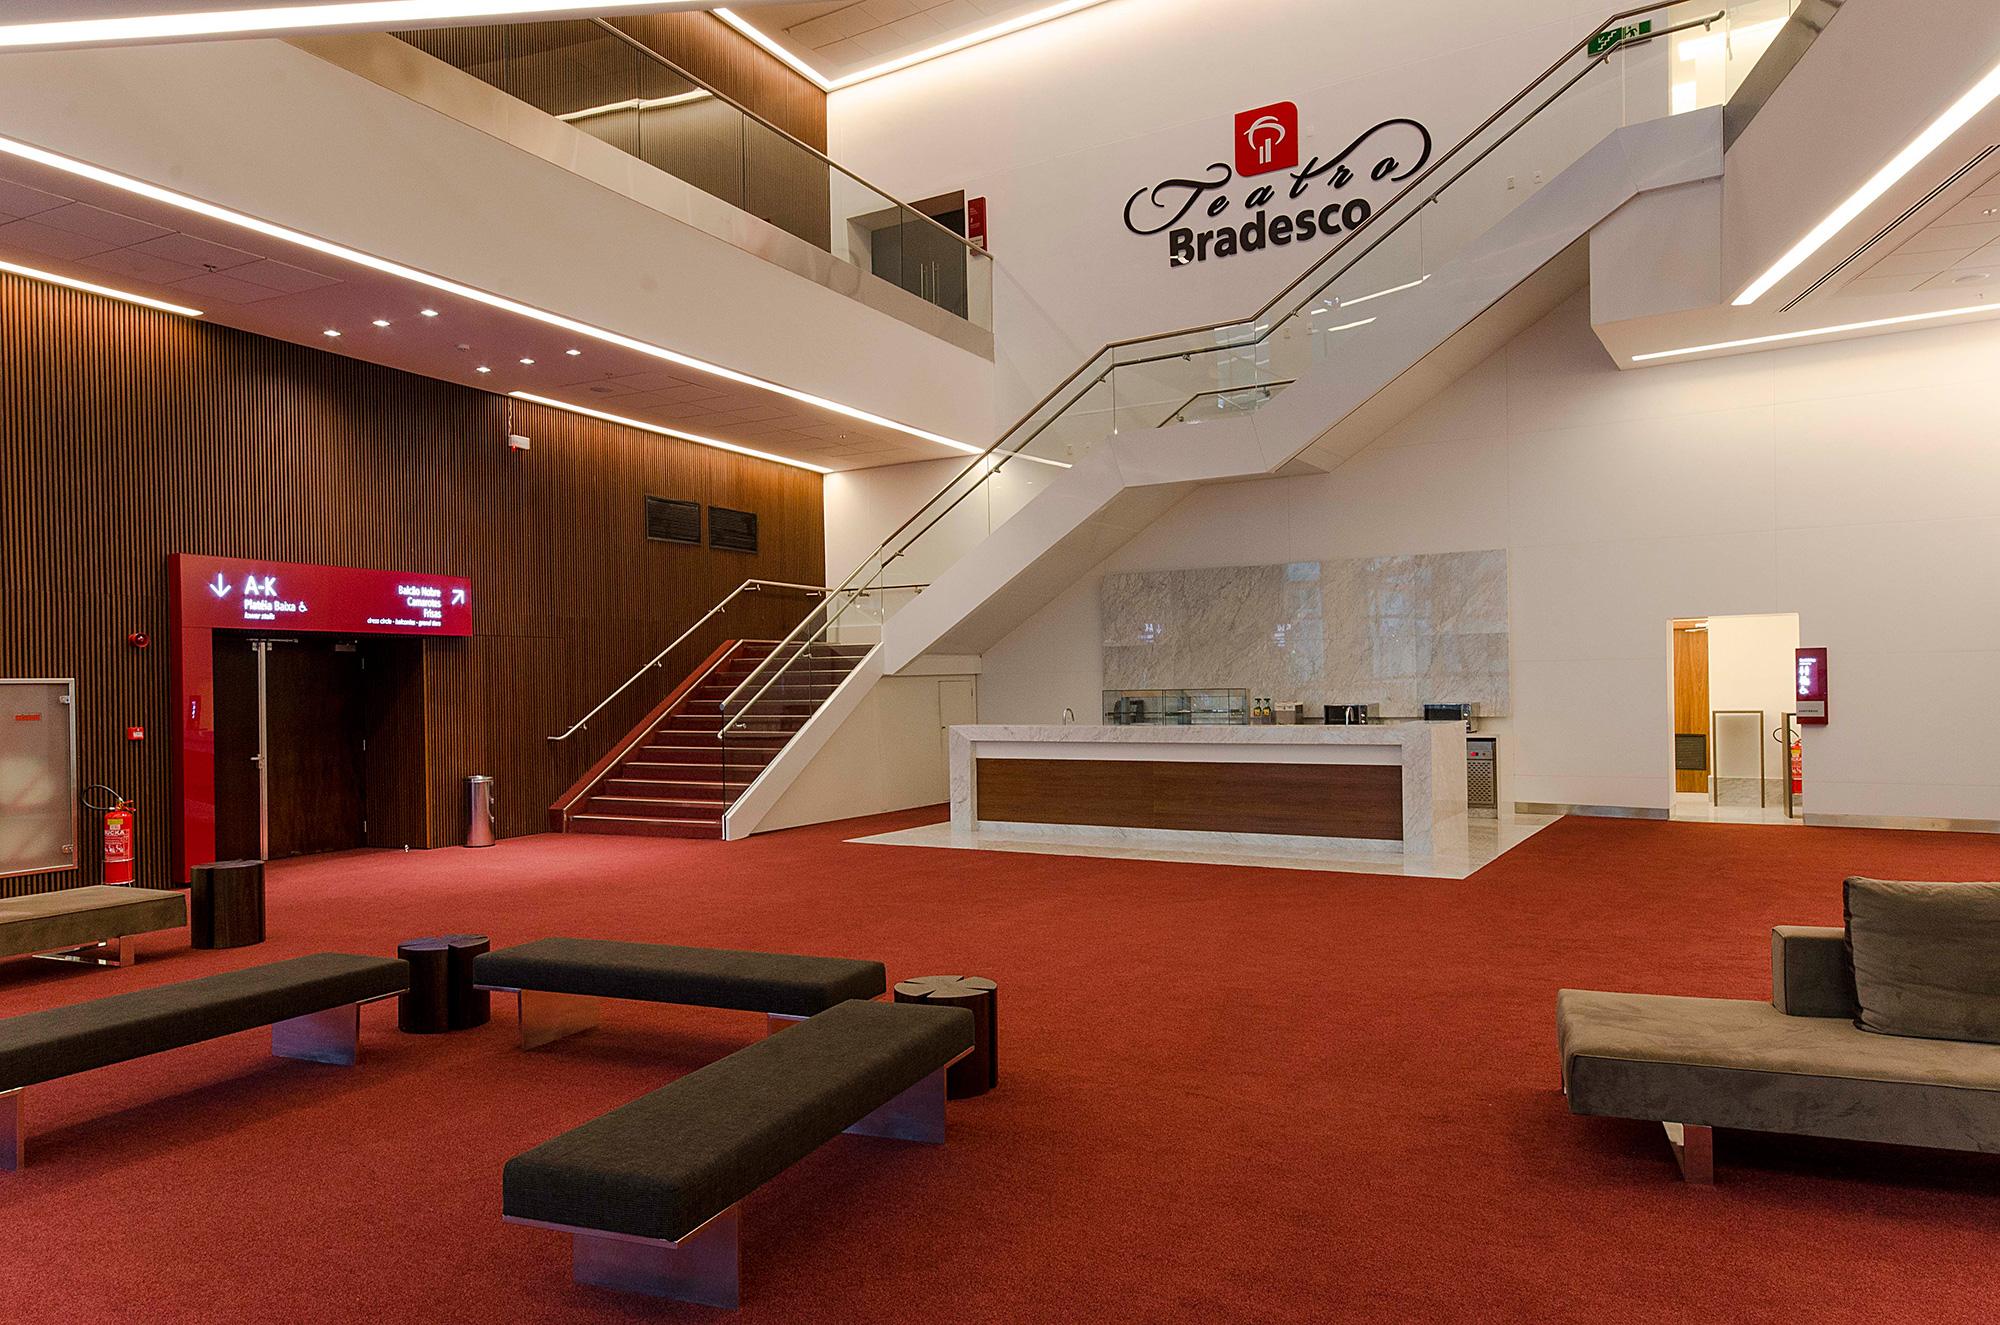 Teatro Bradesco Rio Slide 06